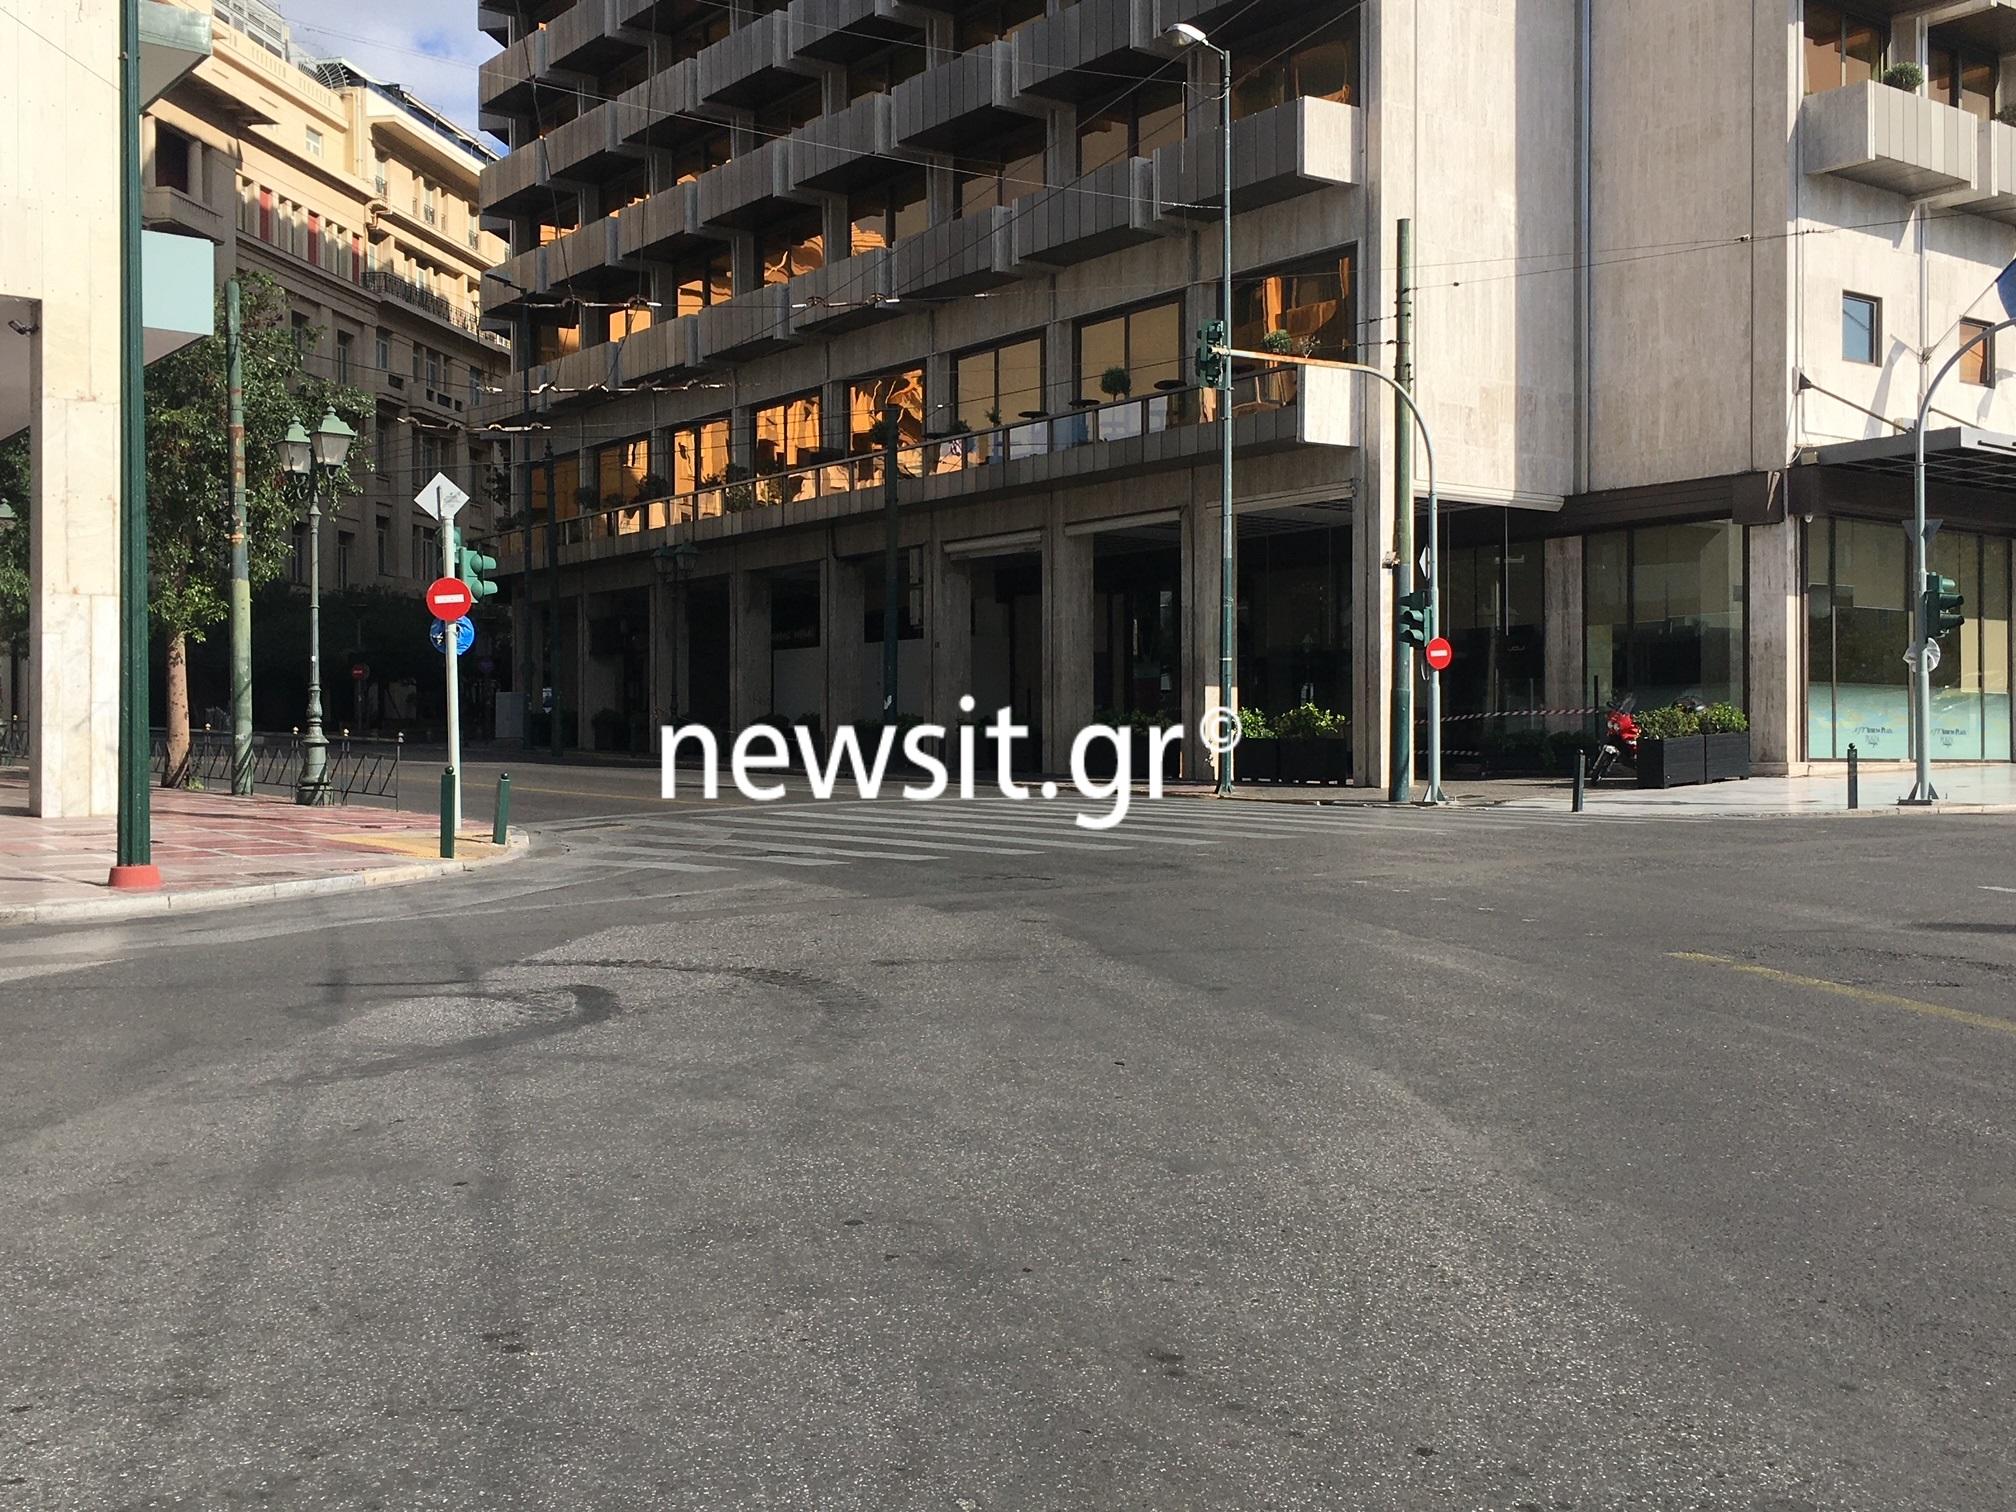 """Πόλη """"φάντασμα"""" η Αθήνα – Πρωτόγνωρες εικόνες από την… πρεμιέρα του lockdown"""